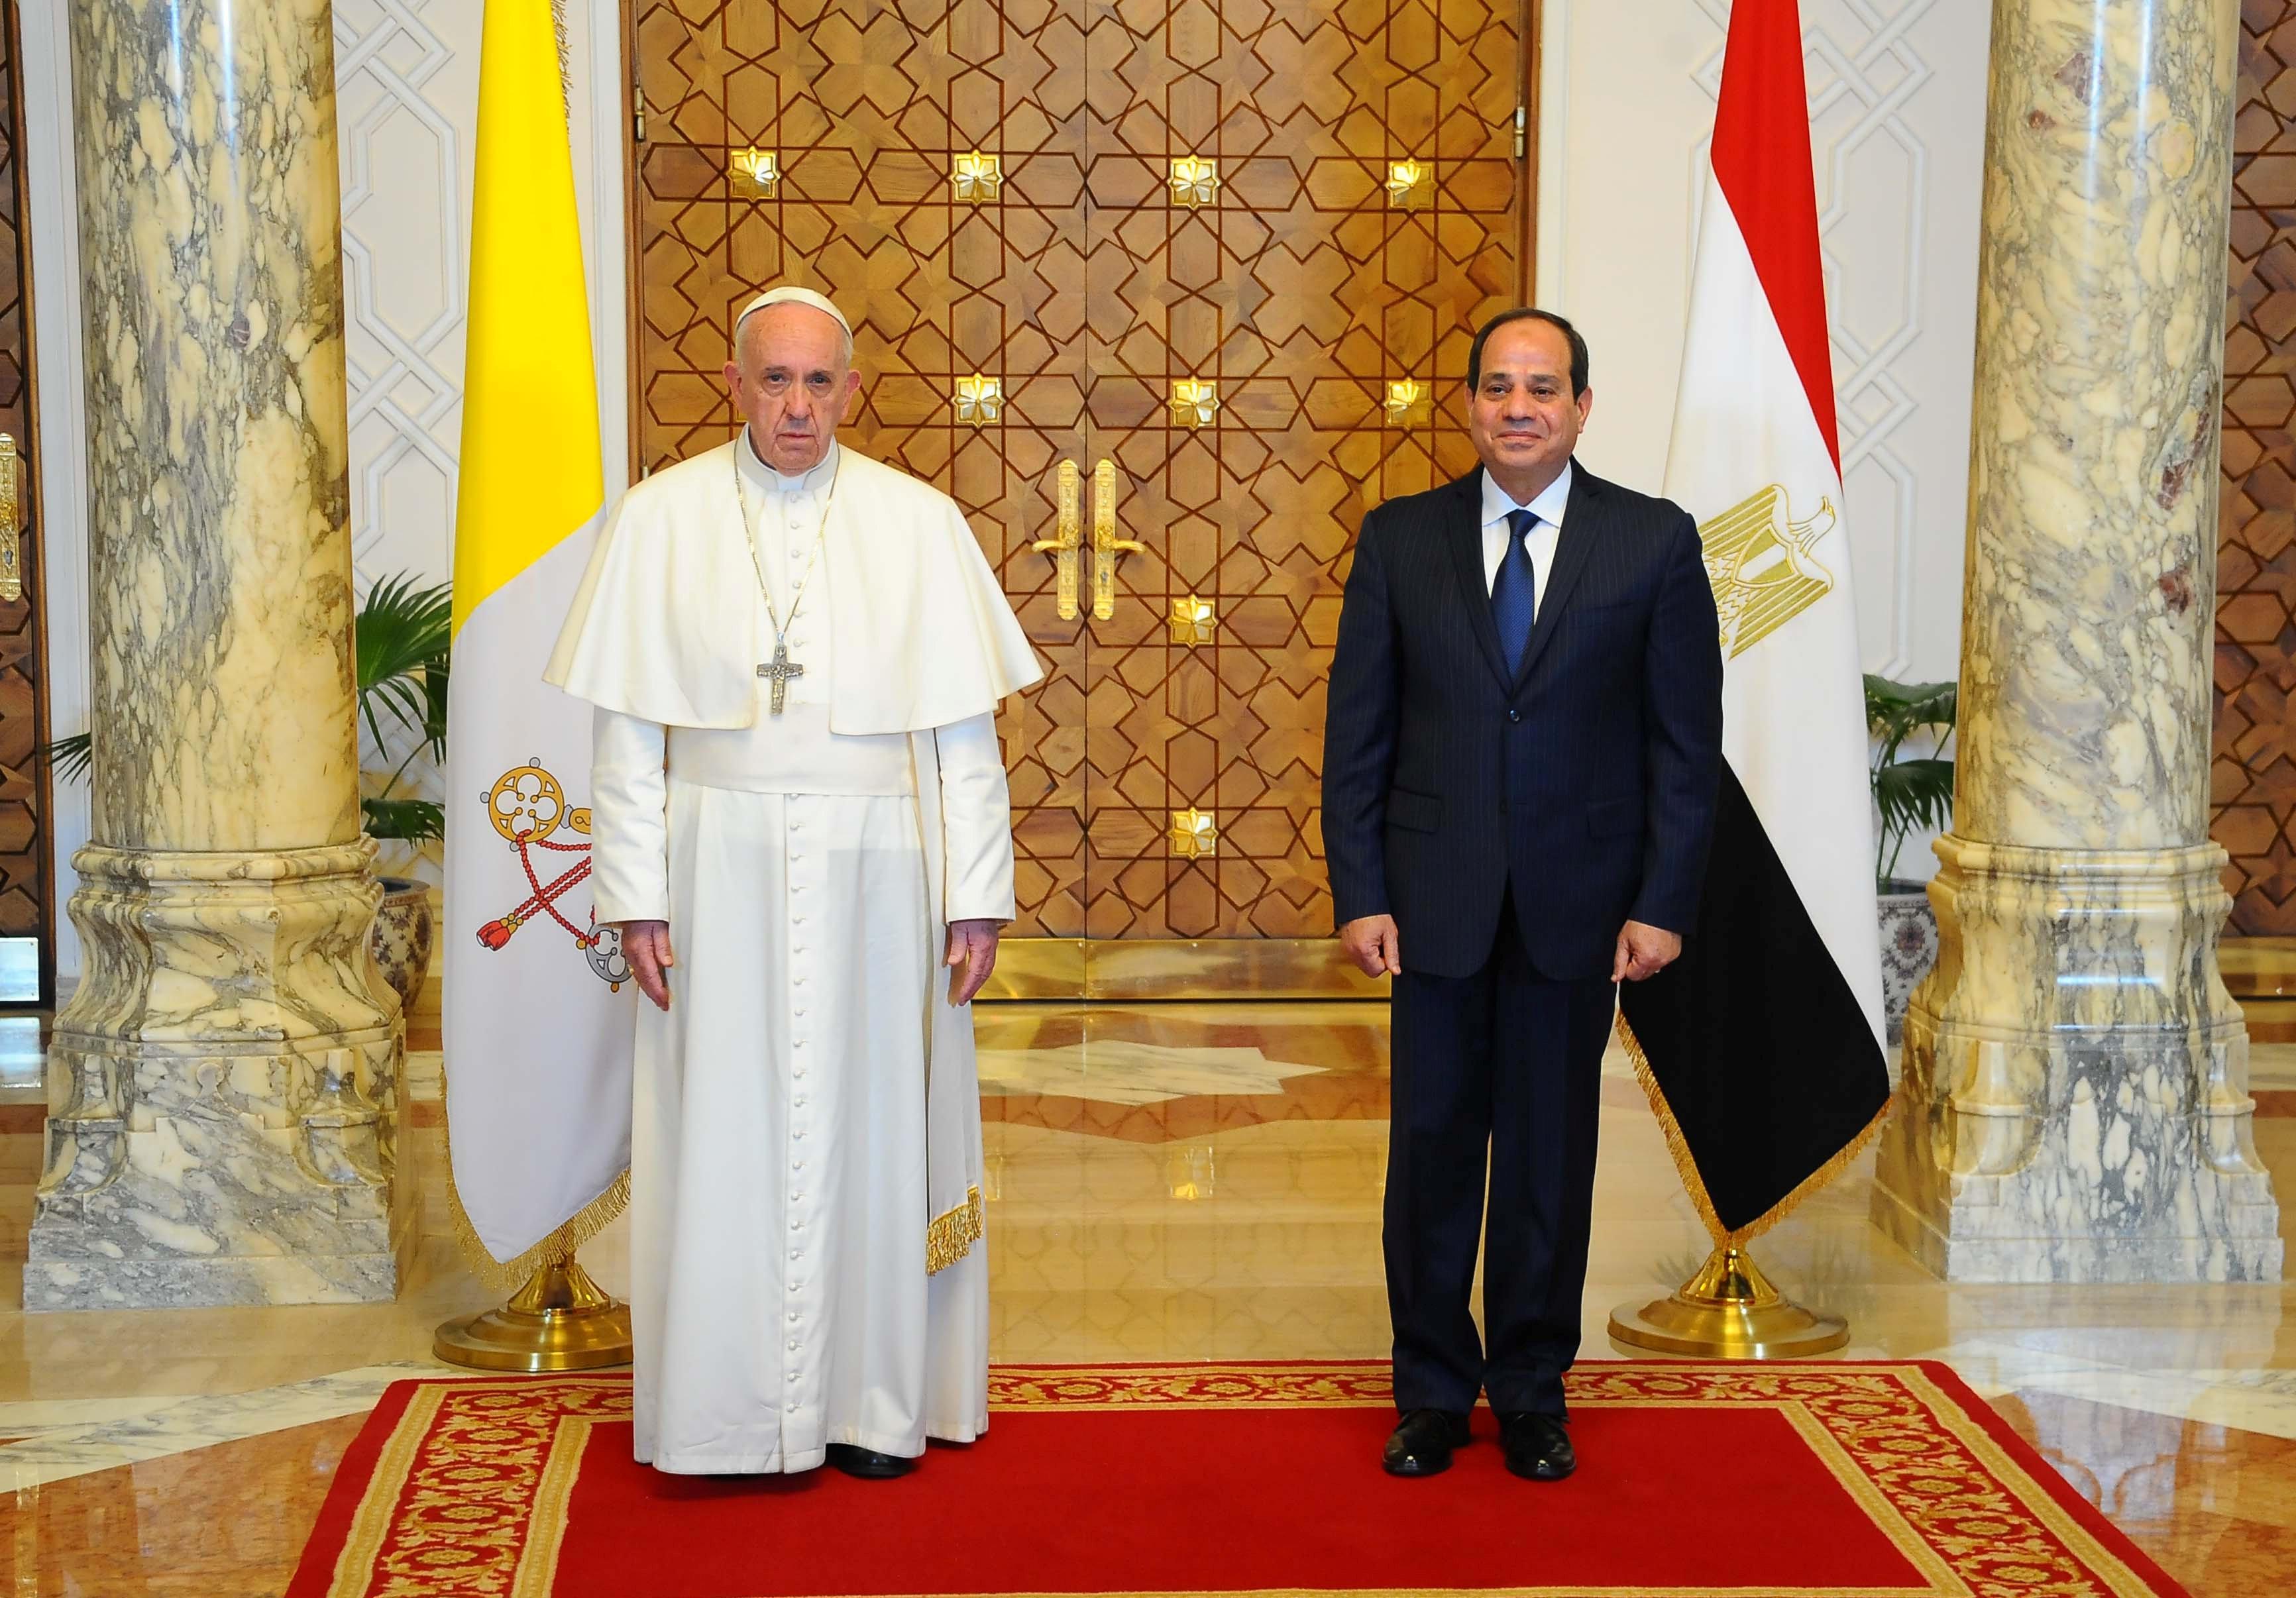 الرئيس السيسى والبابا فرانسيس وخلفهما العلمين المصرى والفاتيكانى